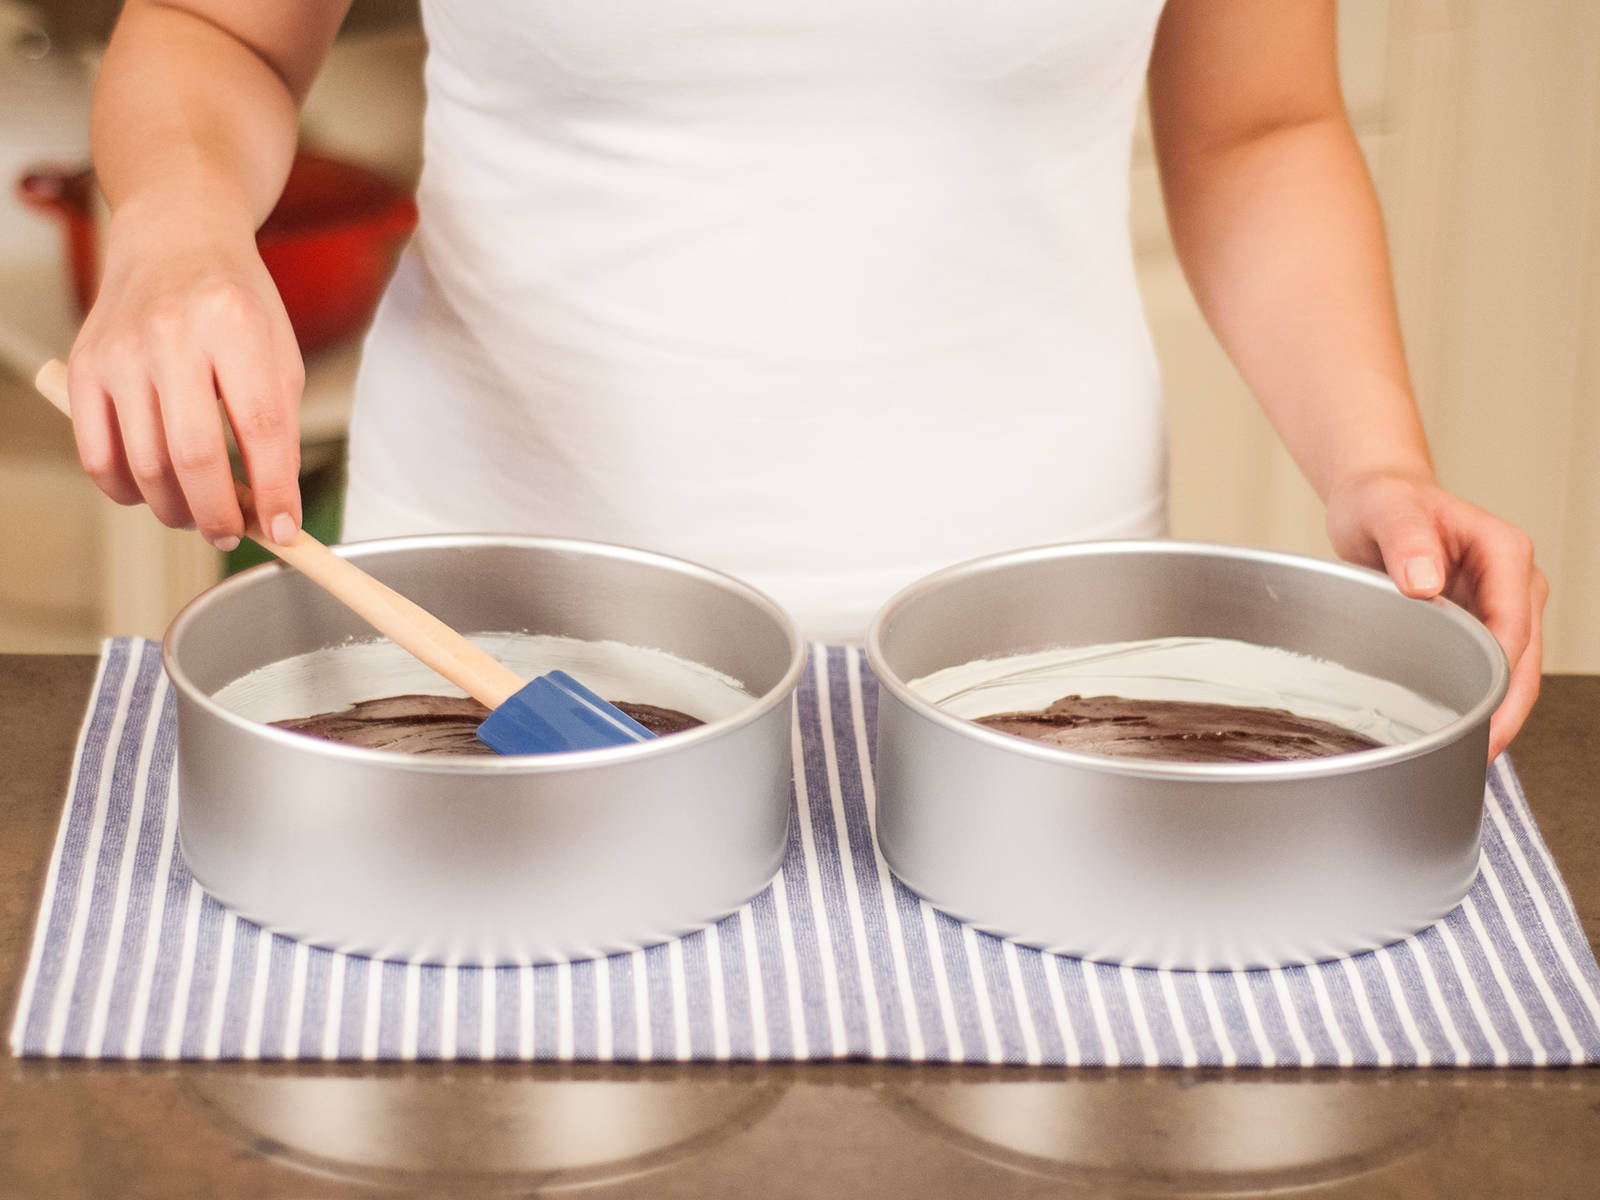 将面糊倒入2个脱底烤模中。放入预热好的烤箱,以180摄氏度烤25分钟左右。